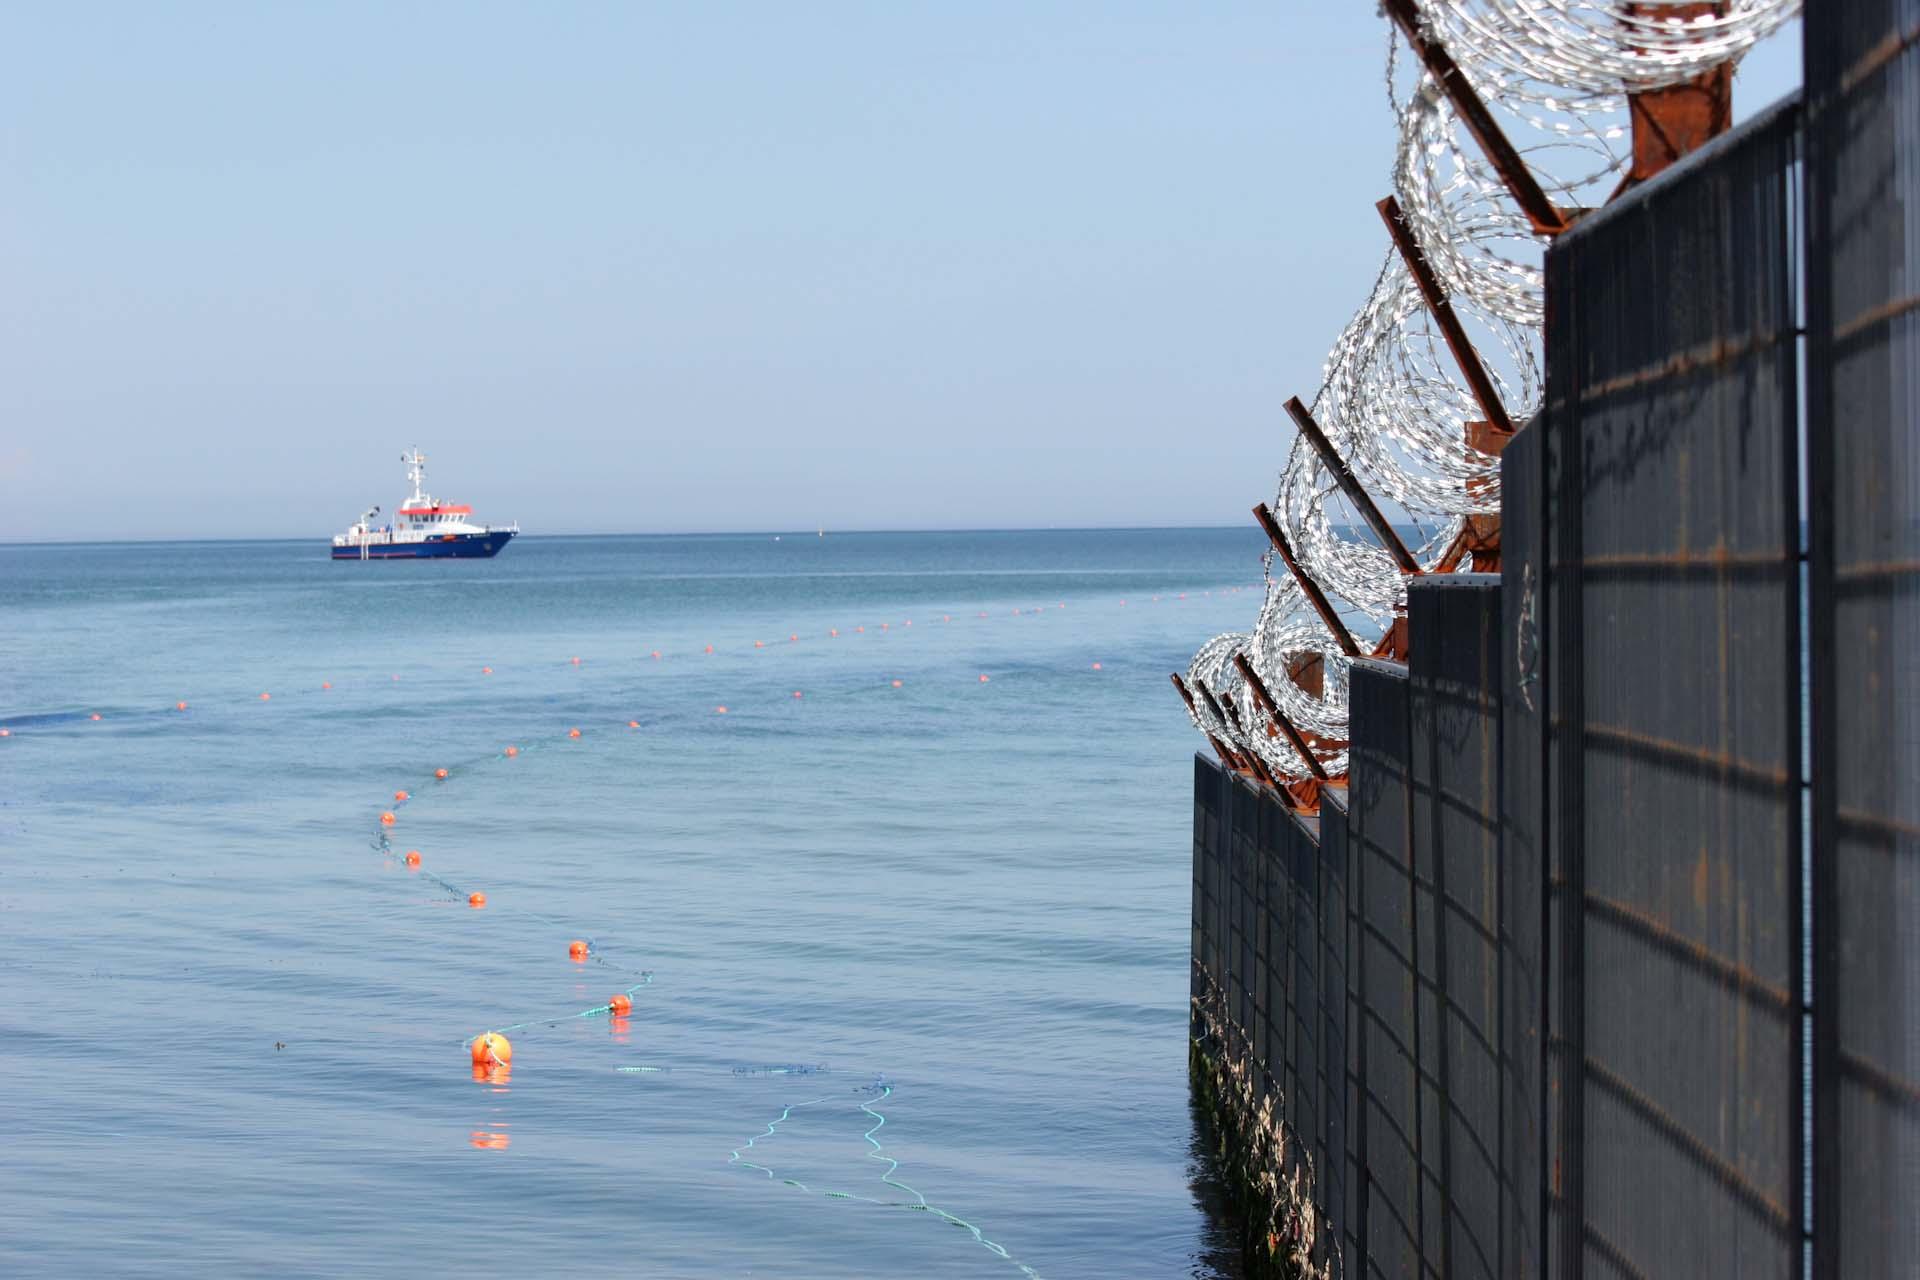 Ein Polizeischiff vor dem Strand von Kühlungsborn. Die Bojen markieren die Netze, die Tauchende Demonstranten verhindern sollen.